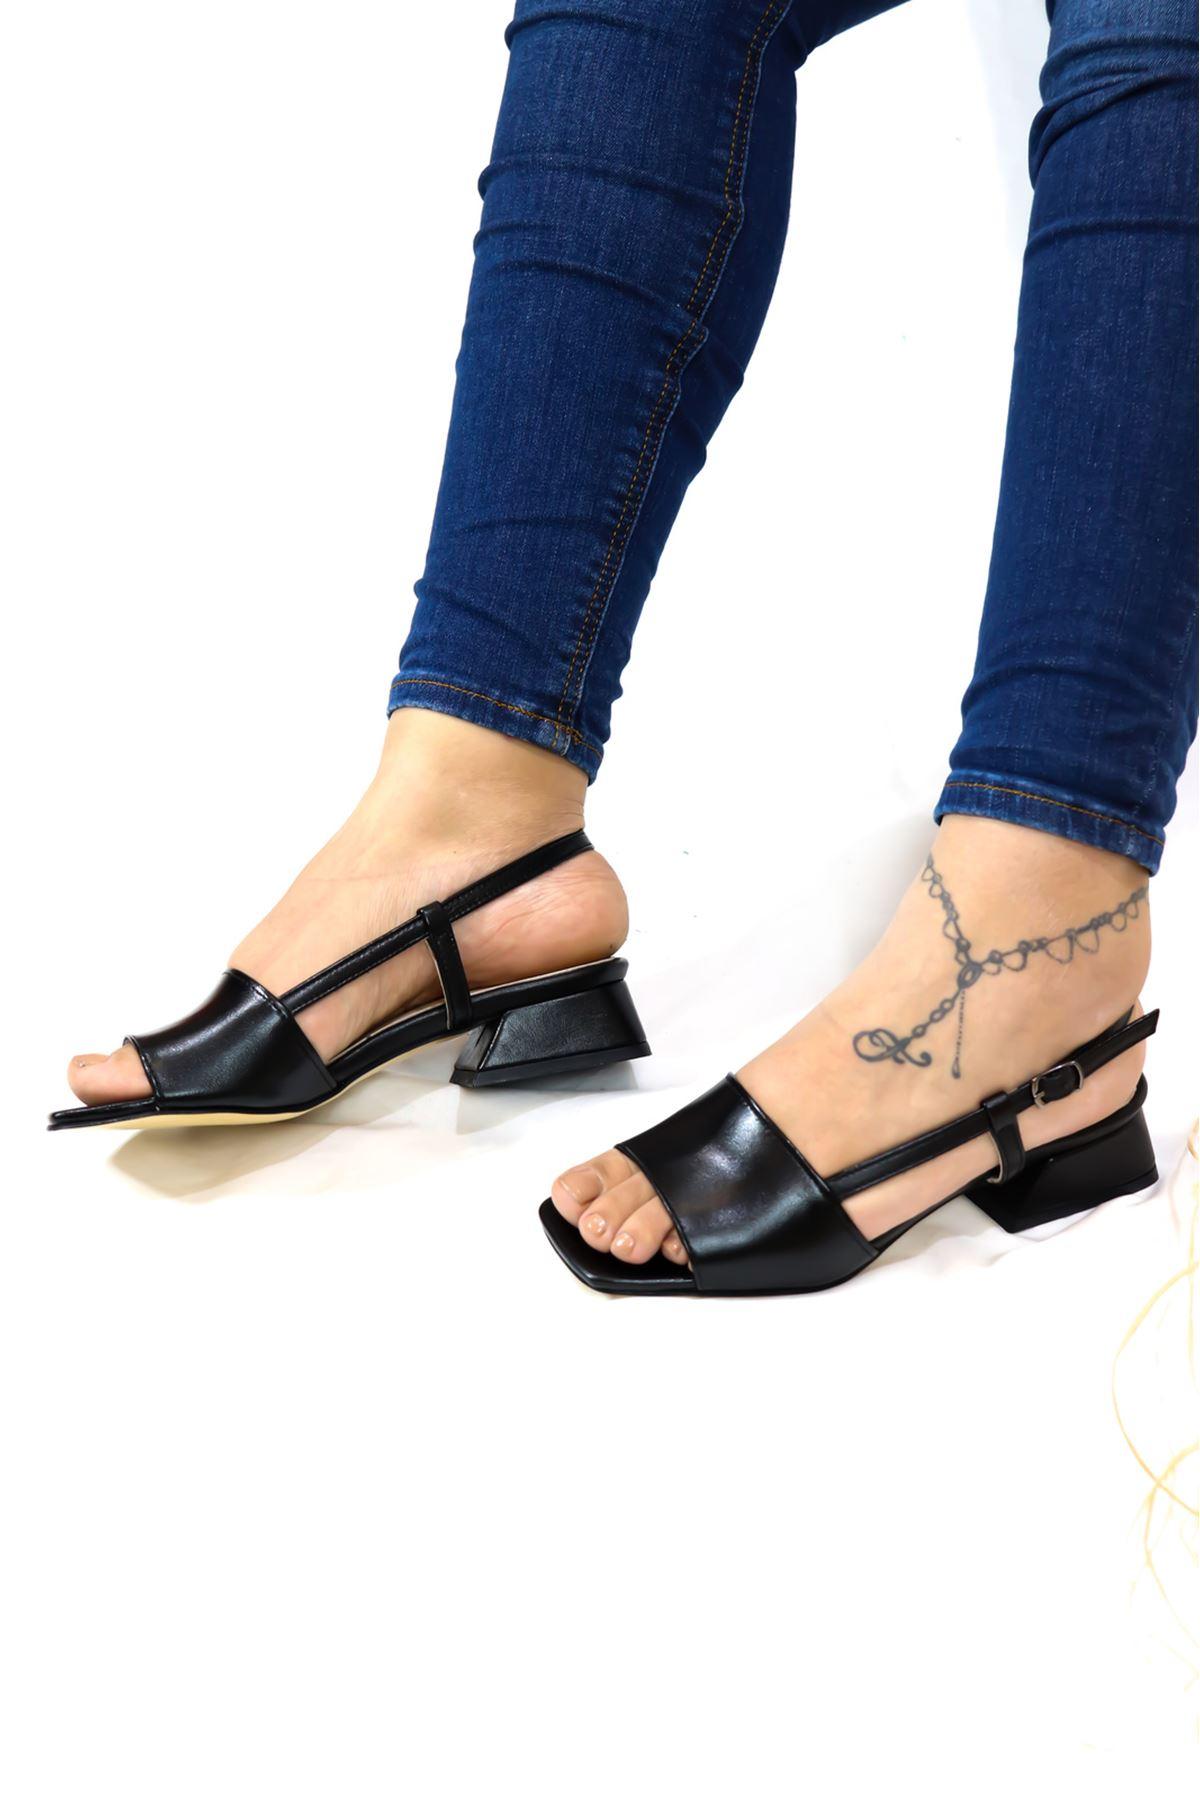 Trendayakkabı - Siyah Hakiki Deri Sandalet